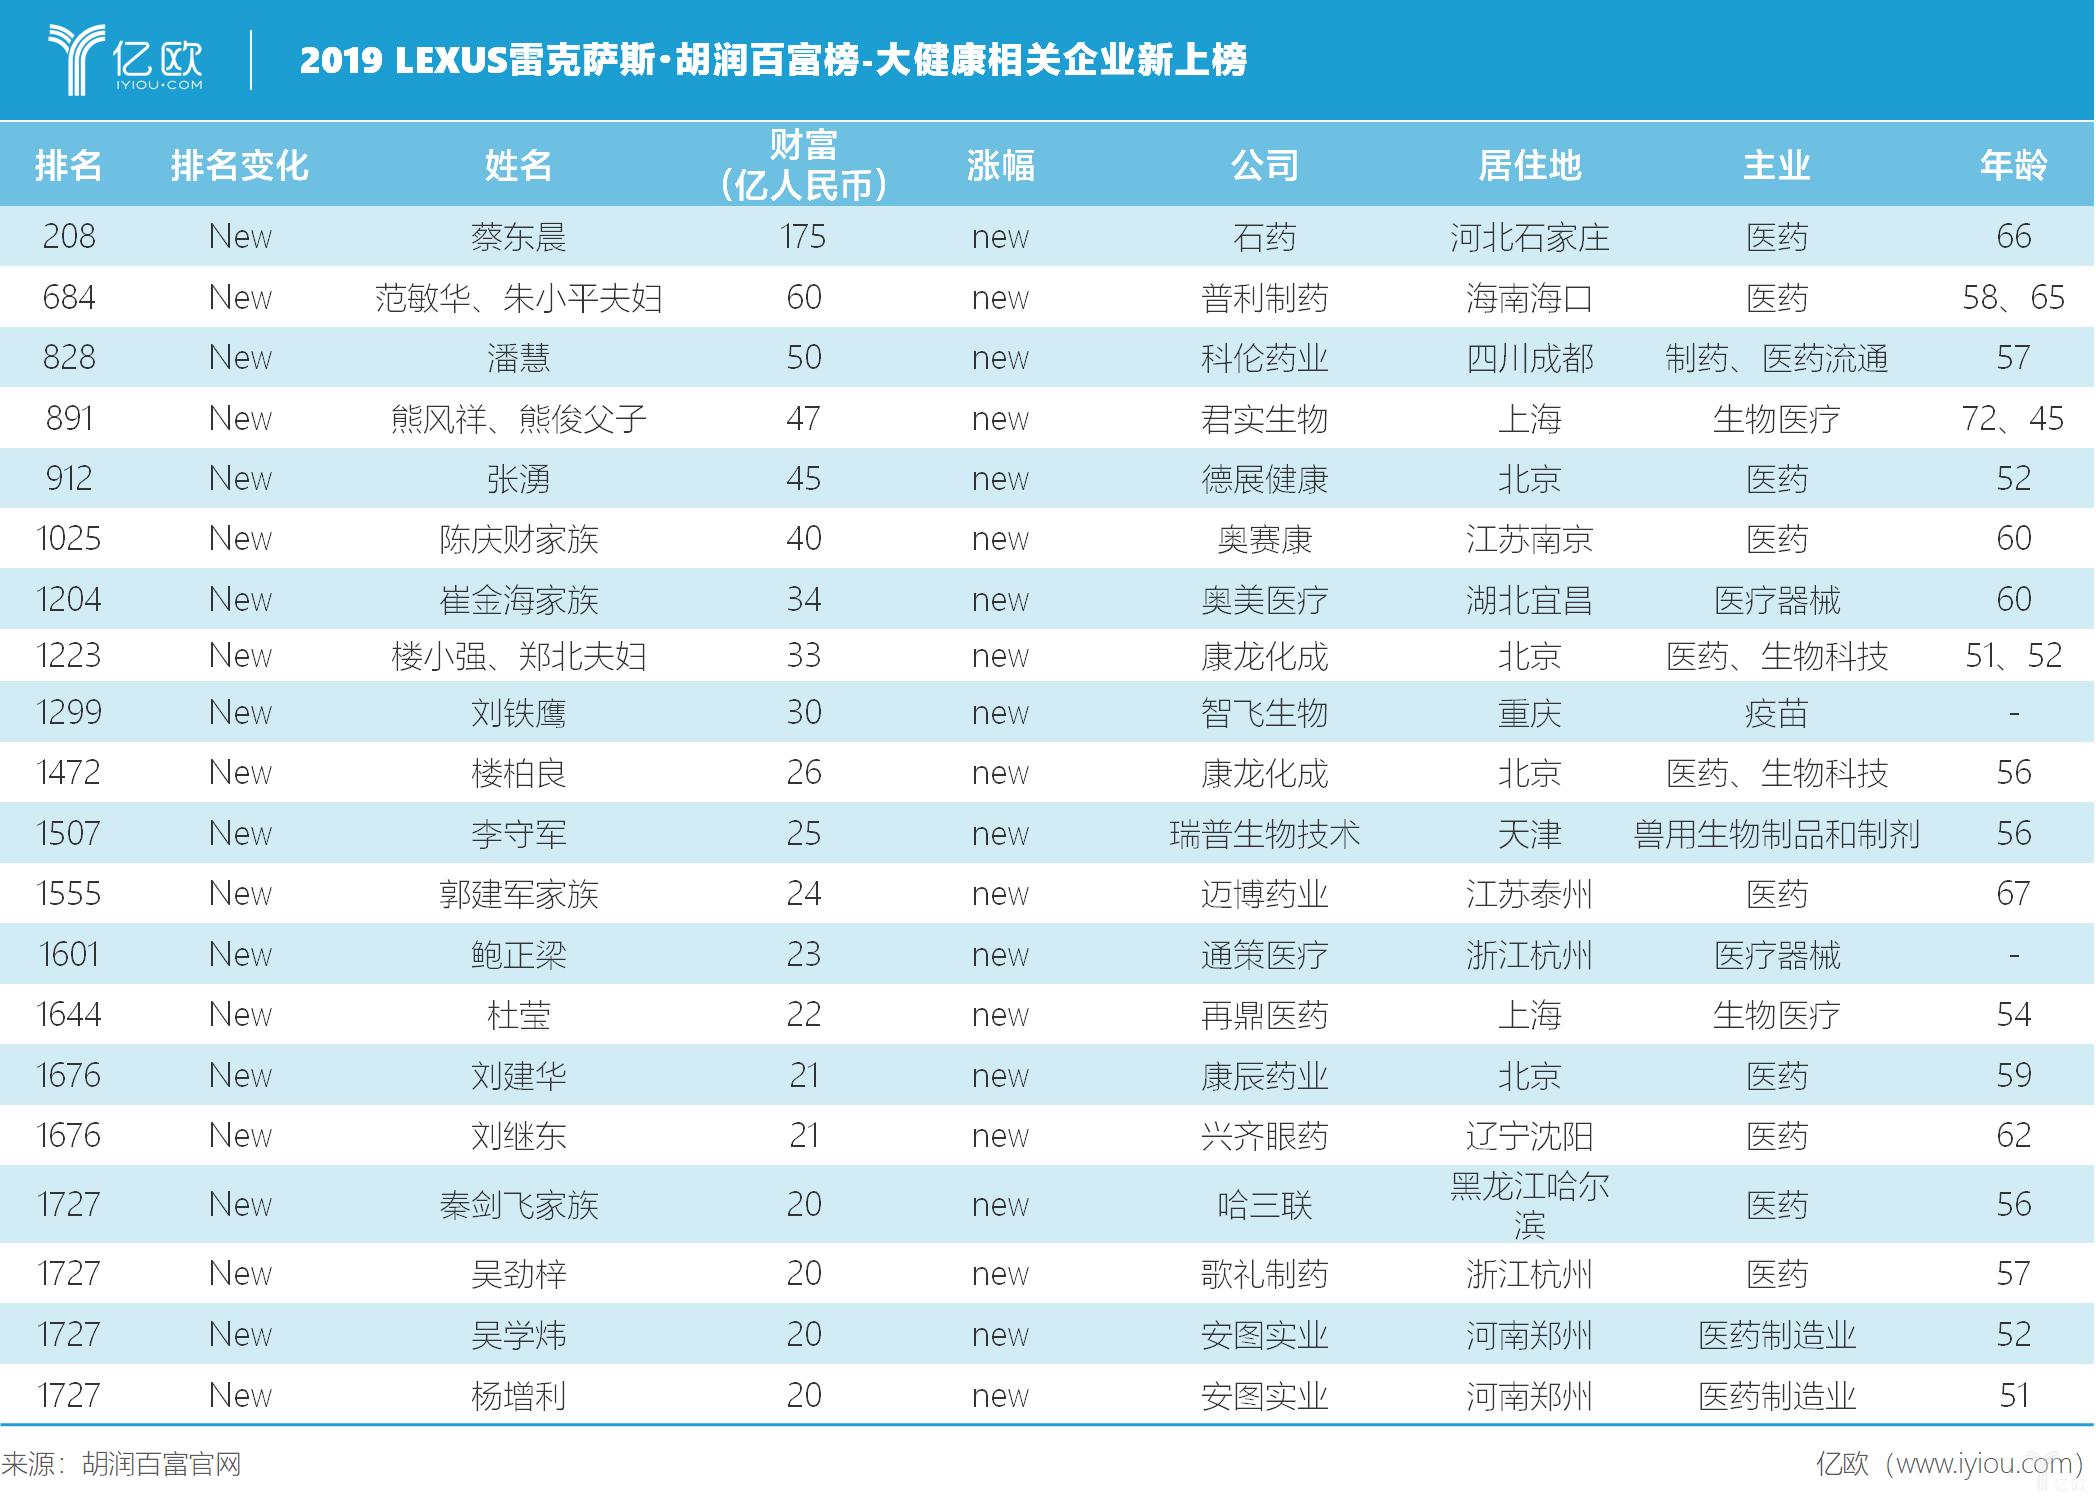 亿欧智库:2019 LEXUS · 胡润百富榜-大健康相关企业新上榜